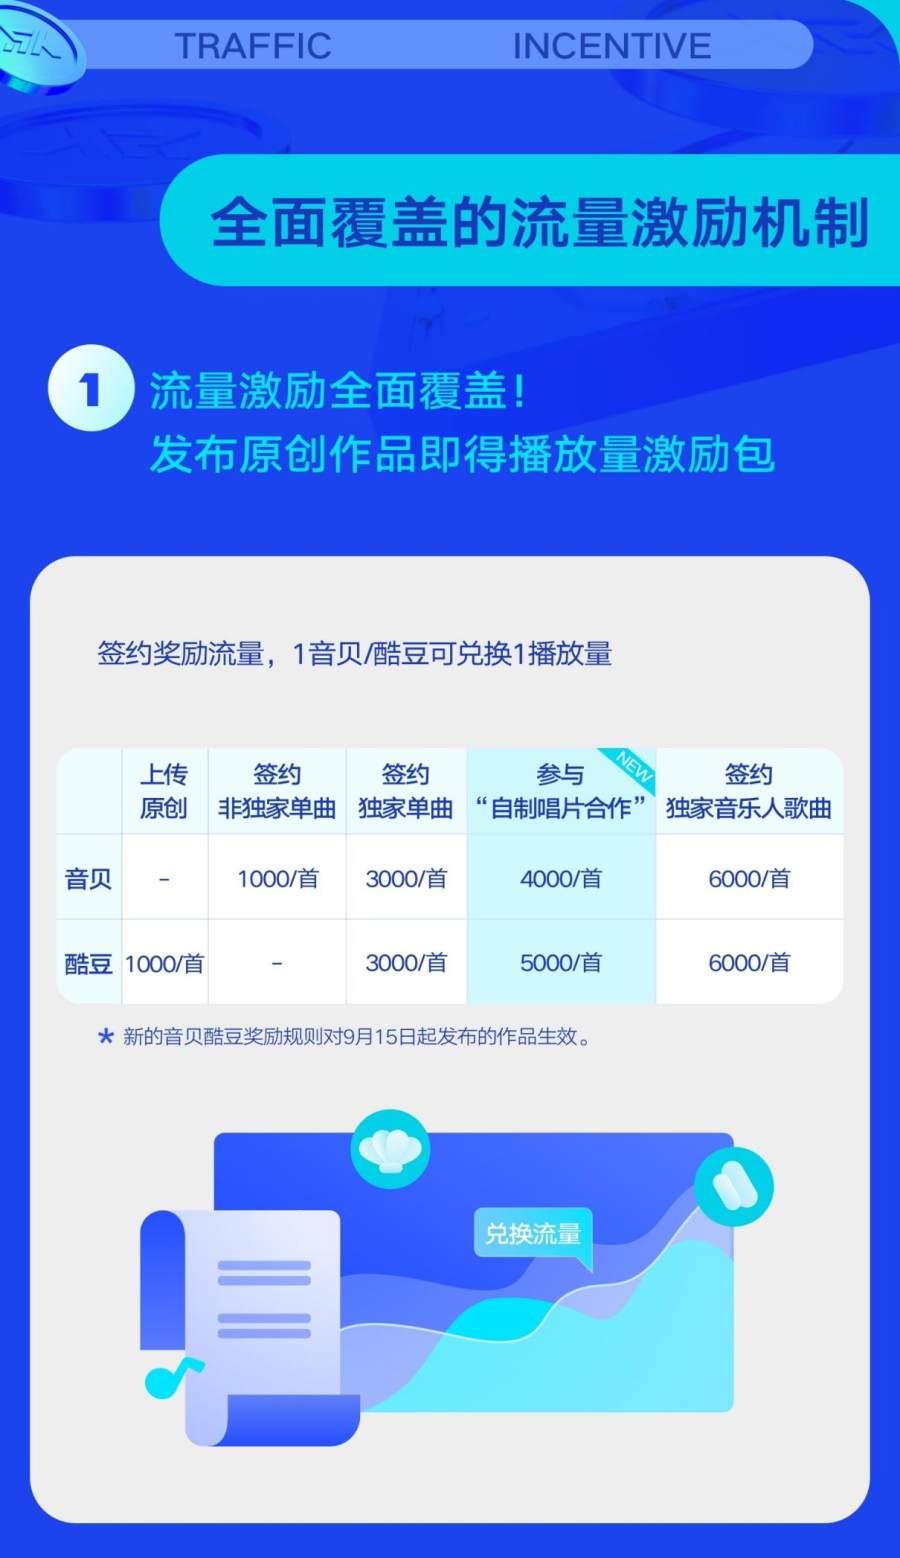 凤凰登录地址腾讯音乐人推出亿元激励计划4.0 为音乐人收益和流量双重加码